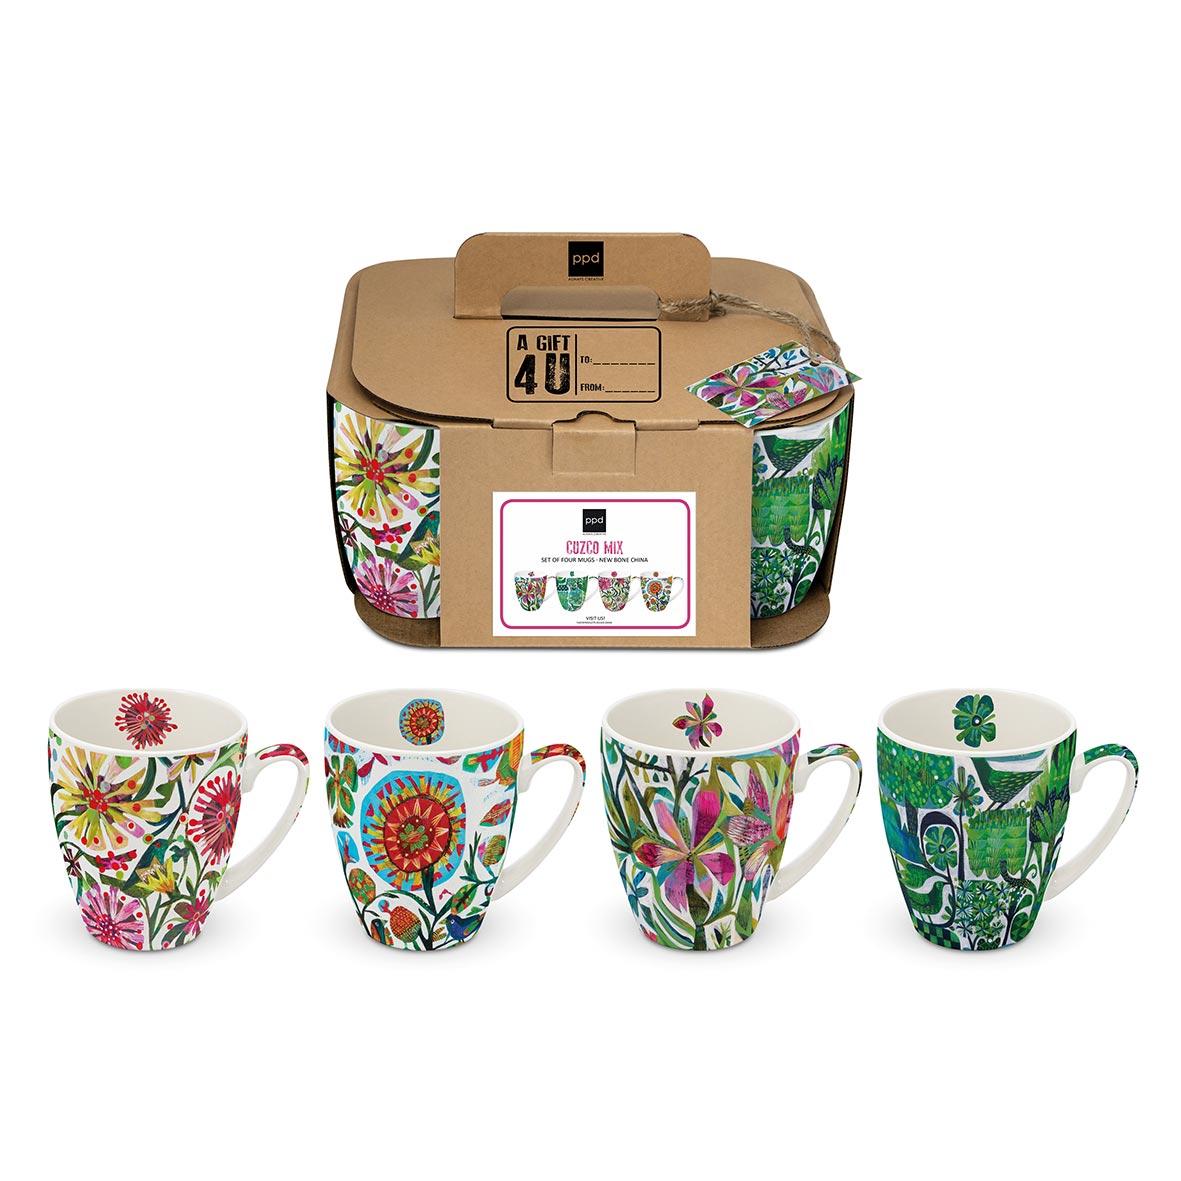 Cuzco & Co. 4 Mug Set